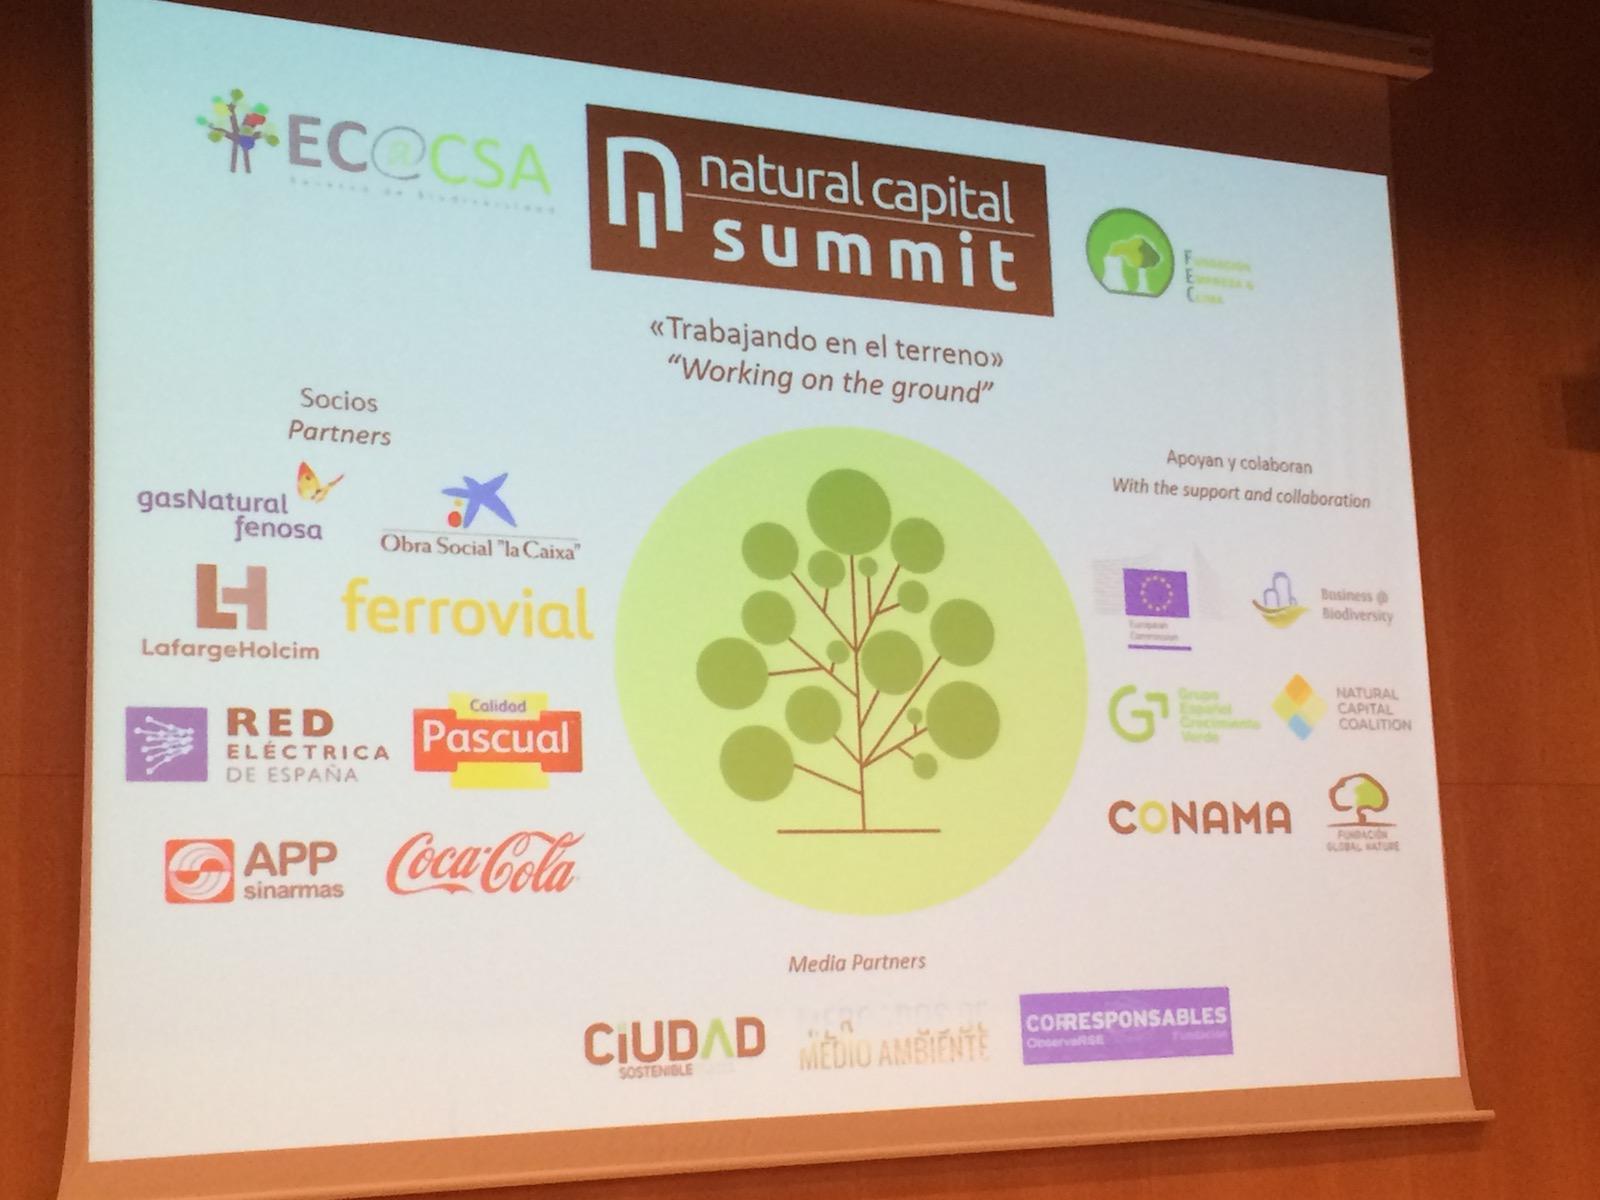 El II Natural Capital Summit concluye con la demanda, a empresas y gobiernos, de que la naturaleza sea considerada como un activo en los balances